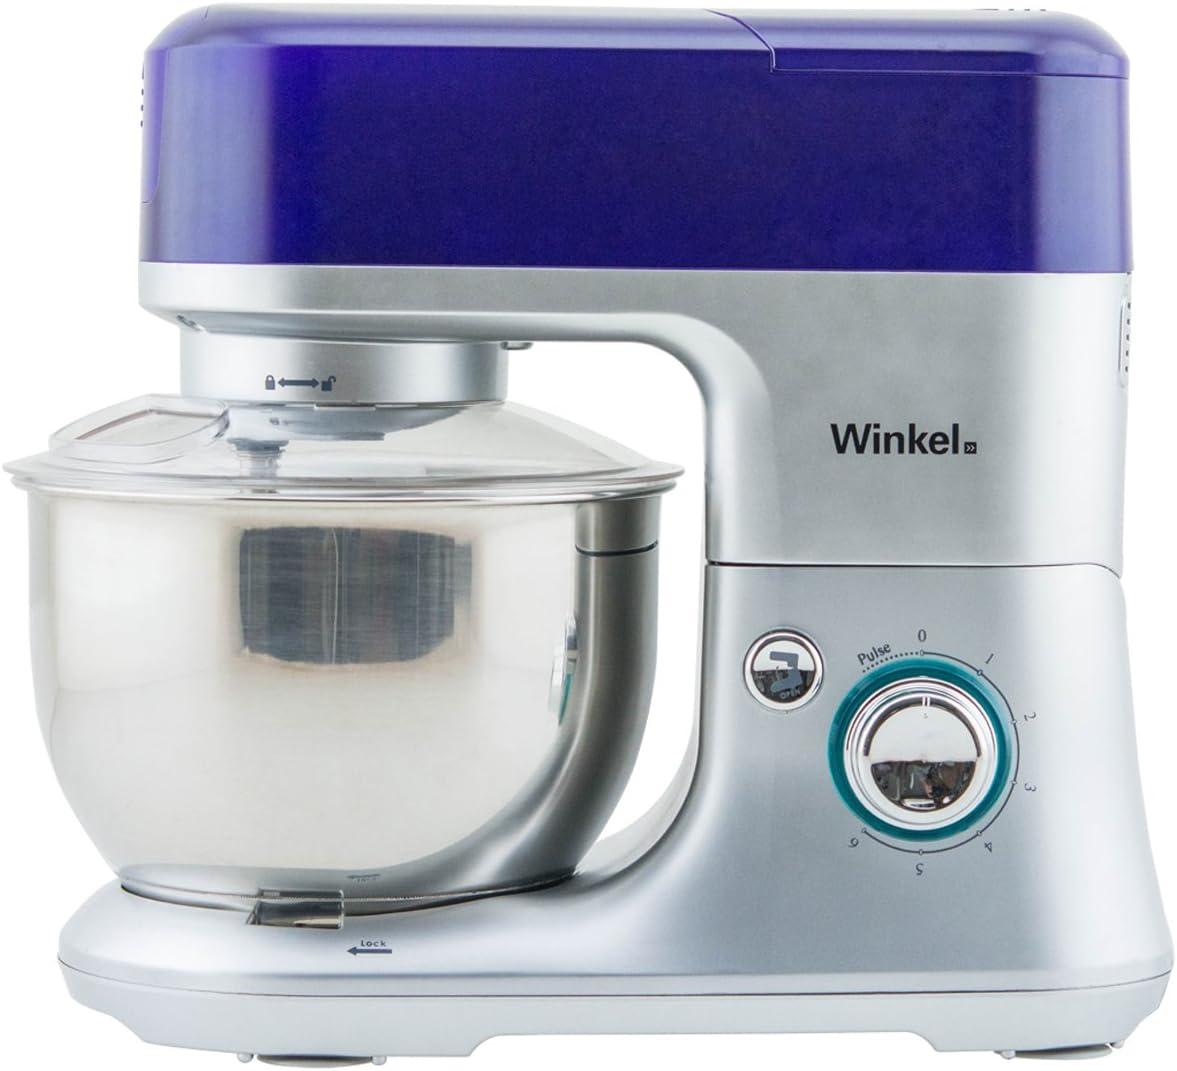 Winkel RX 80 RX80-Robot de Cocina multifunción, batidora amasadora, Color Morado, 650 W: Amazon.es: Hogar